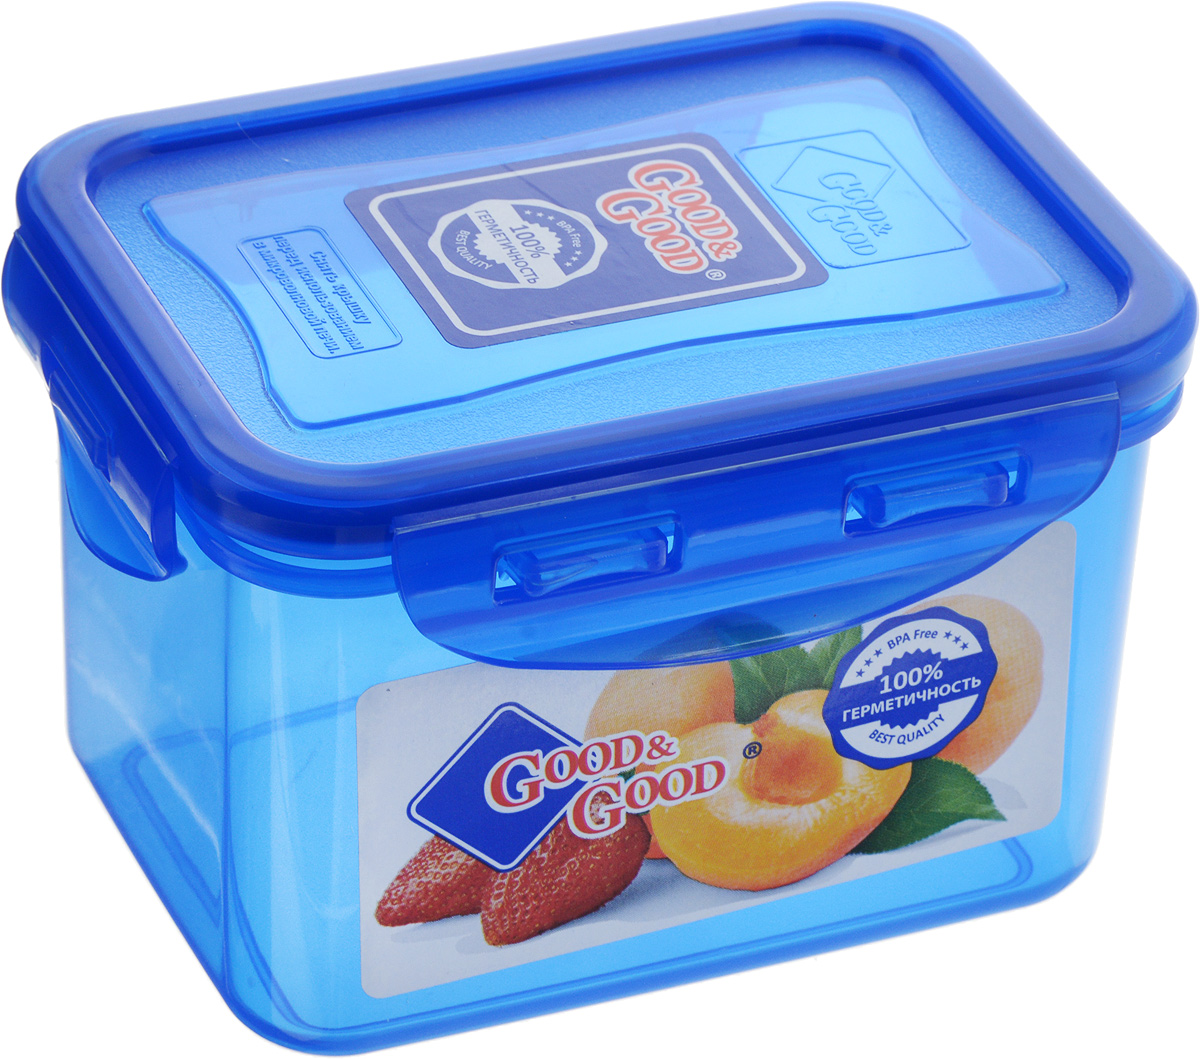 Контейнер пищевой Good&Good, цвет: синий, 630 мл02-2/COLORS_синийПрямоугольный контейнер Good&Good изготовлен из высококачественного полипропилена и предназначен для хранения любых пищевых продуктов. Благодаря особым технологиям изготовления, лотки в течение времени службы не меняют цвет и не пропитываются запахами. Крышка с силиконовой вставкой герметично защелкивается специальным механизмом. Контейнер Good&Good удобен для ежедневного использования в быту.Можно мыть в посудомоечной машине и использовать в микроволновой печи.Размер контейнера (с учетом крышки): 13 х 10 х 8,5 см.